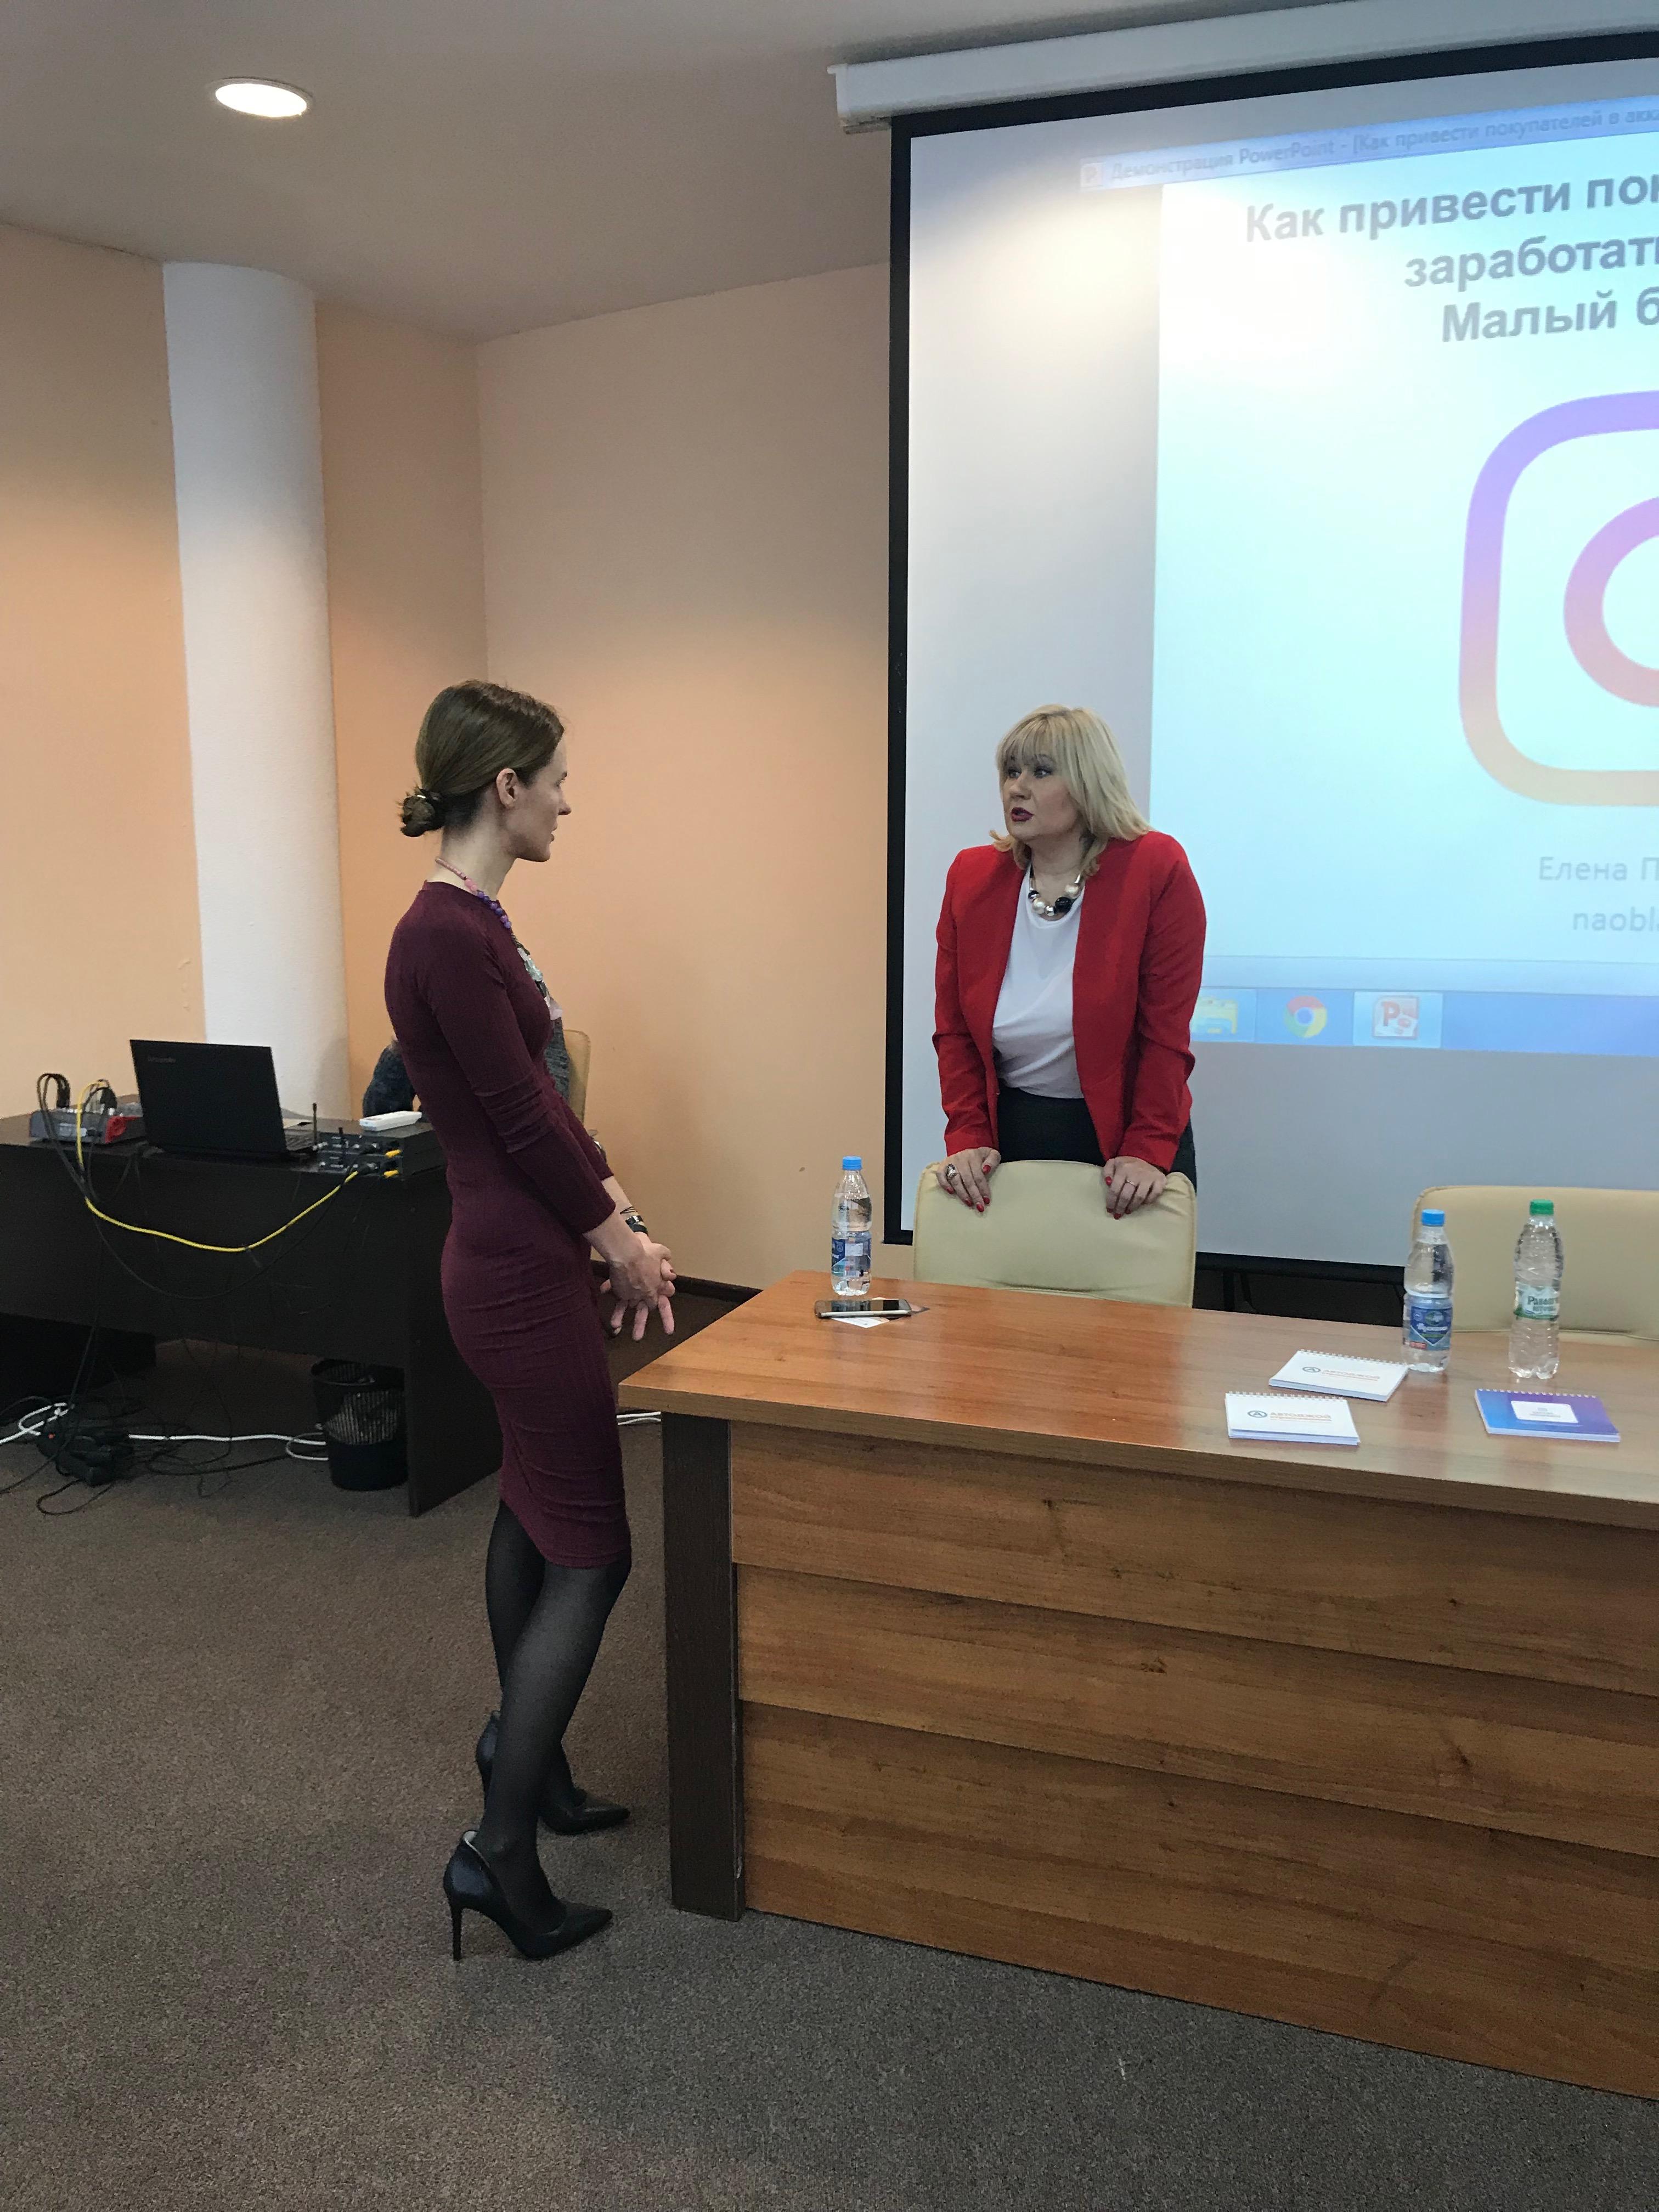 Елена Пискарева - ведущий блогер-эксперт по Инстаграму